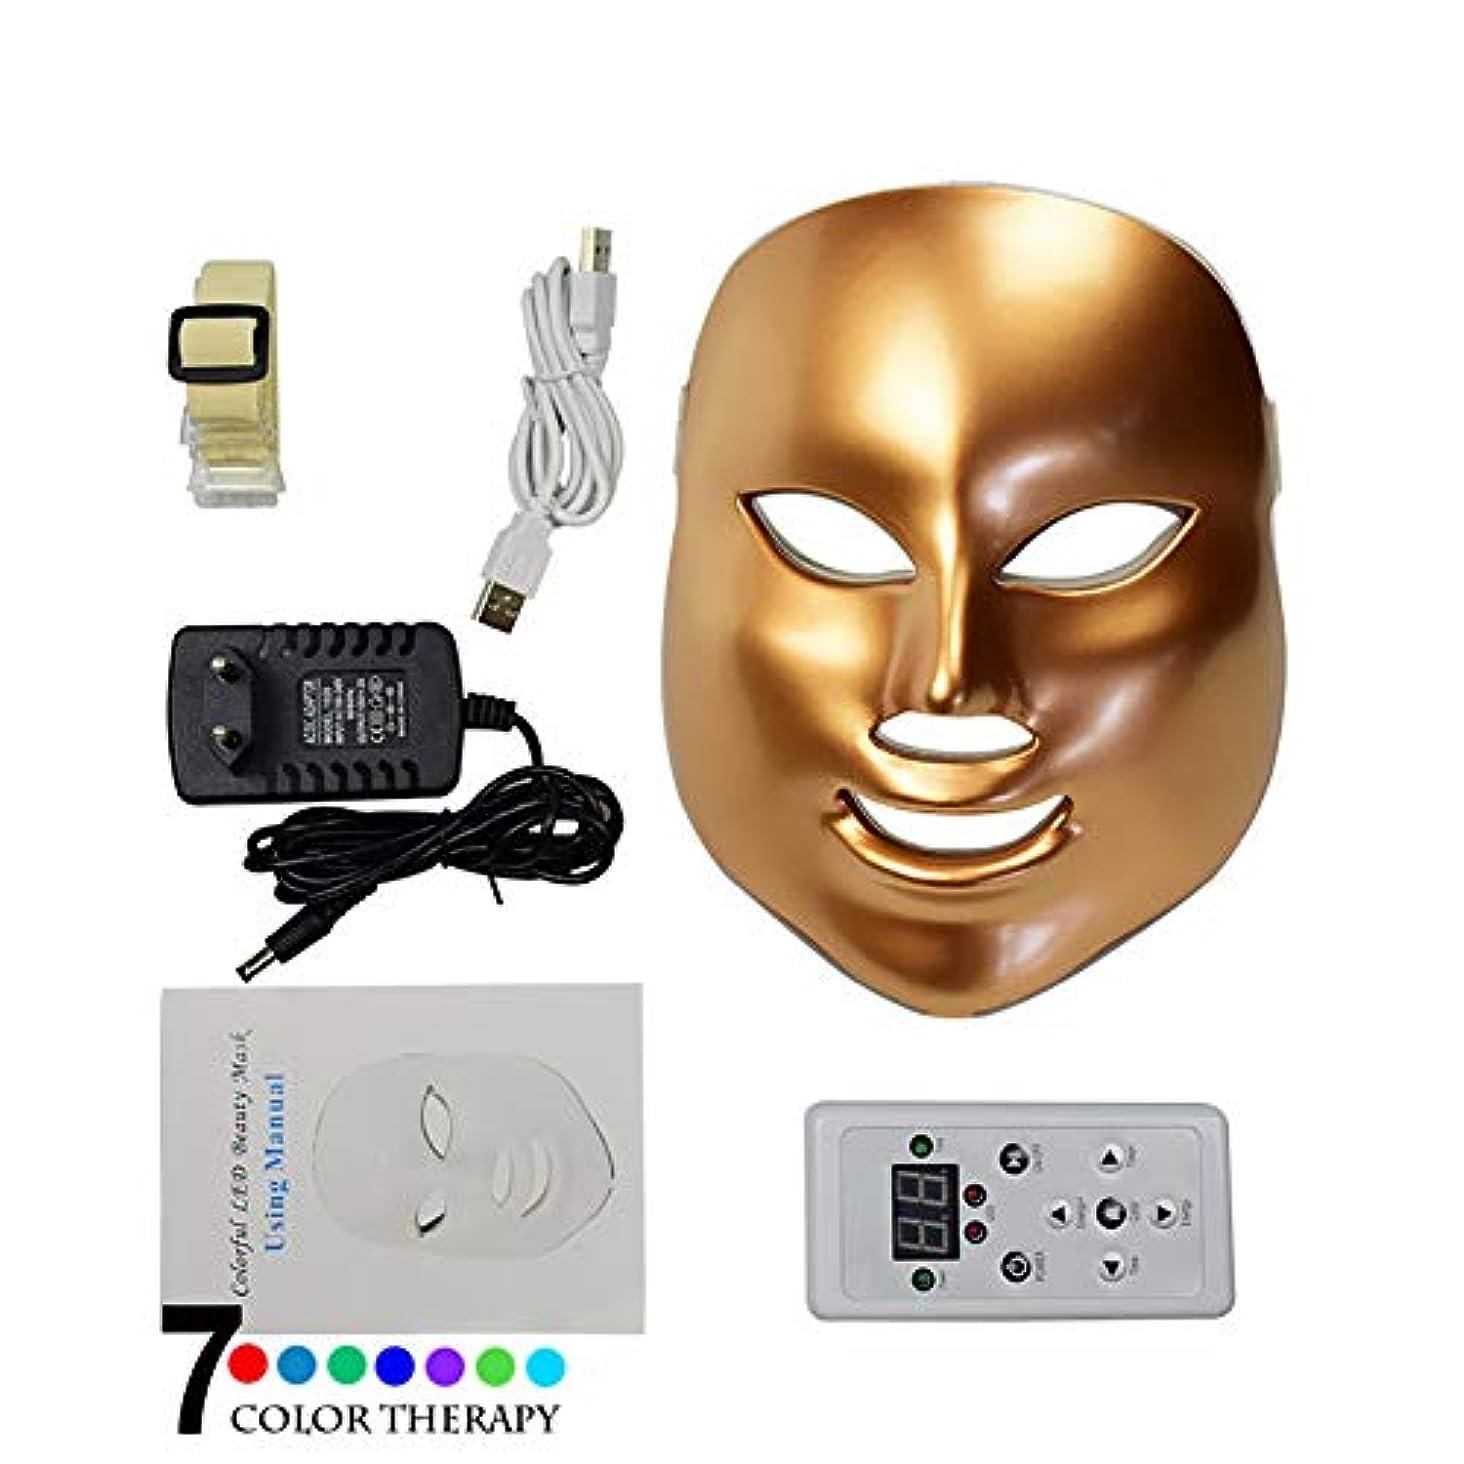 のスコア残酷なペア7色LEDフェイスマスク、7色LEDスキン光線療法器具、健康的な肌の若返りのためのレッドライトセラピー、アンチエイジング、しわ、瘢痕化,Gold